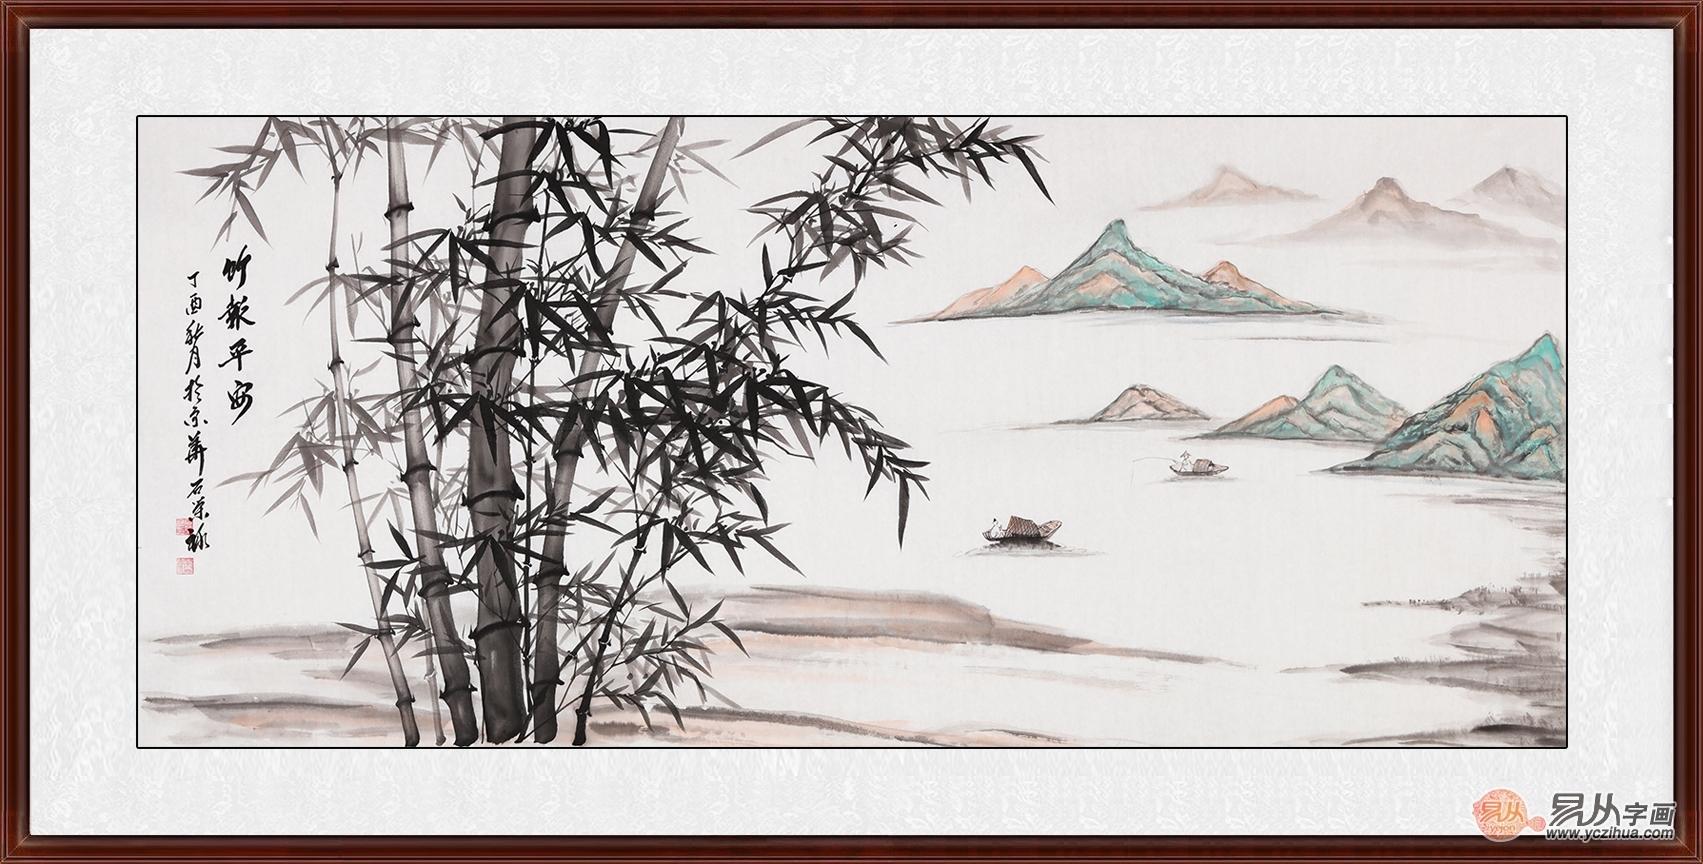 十里桃花手绘字画